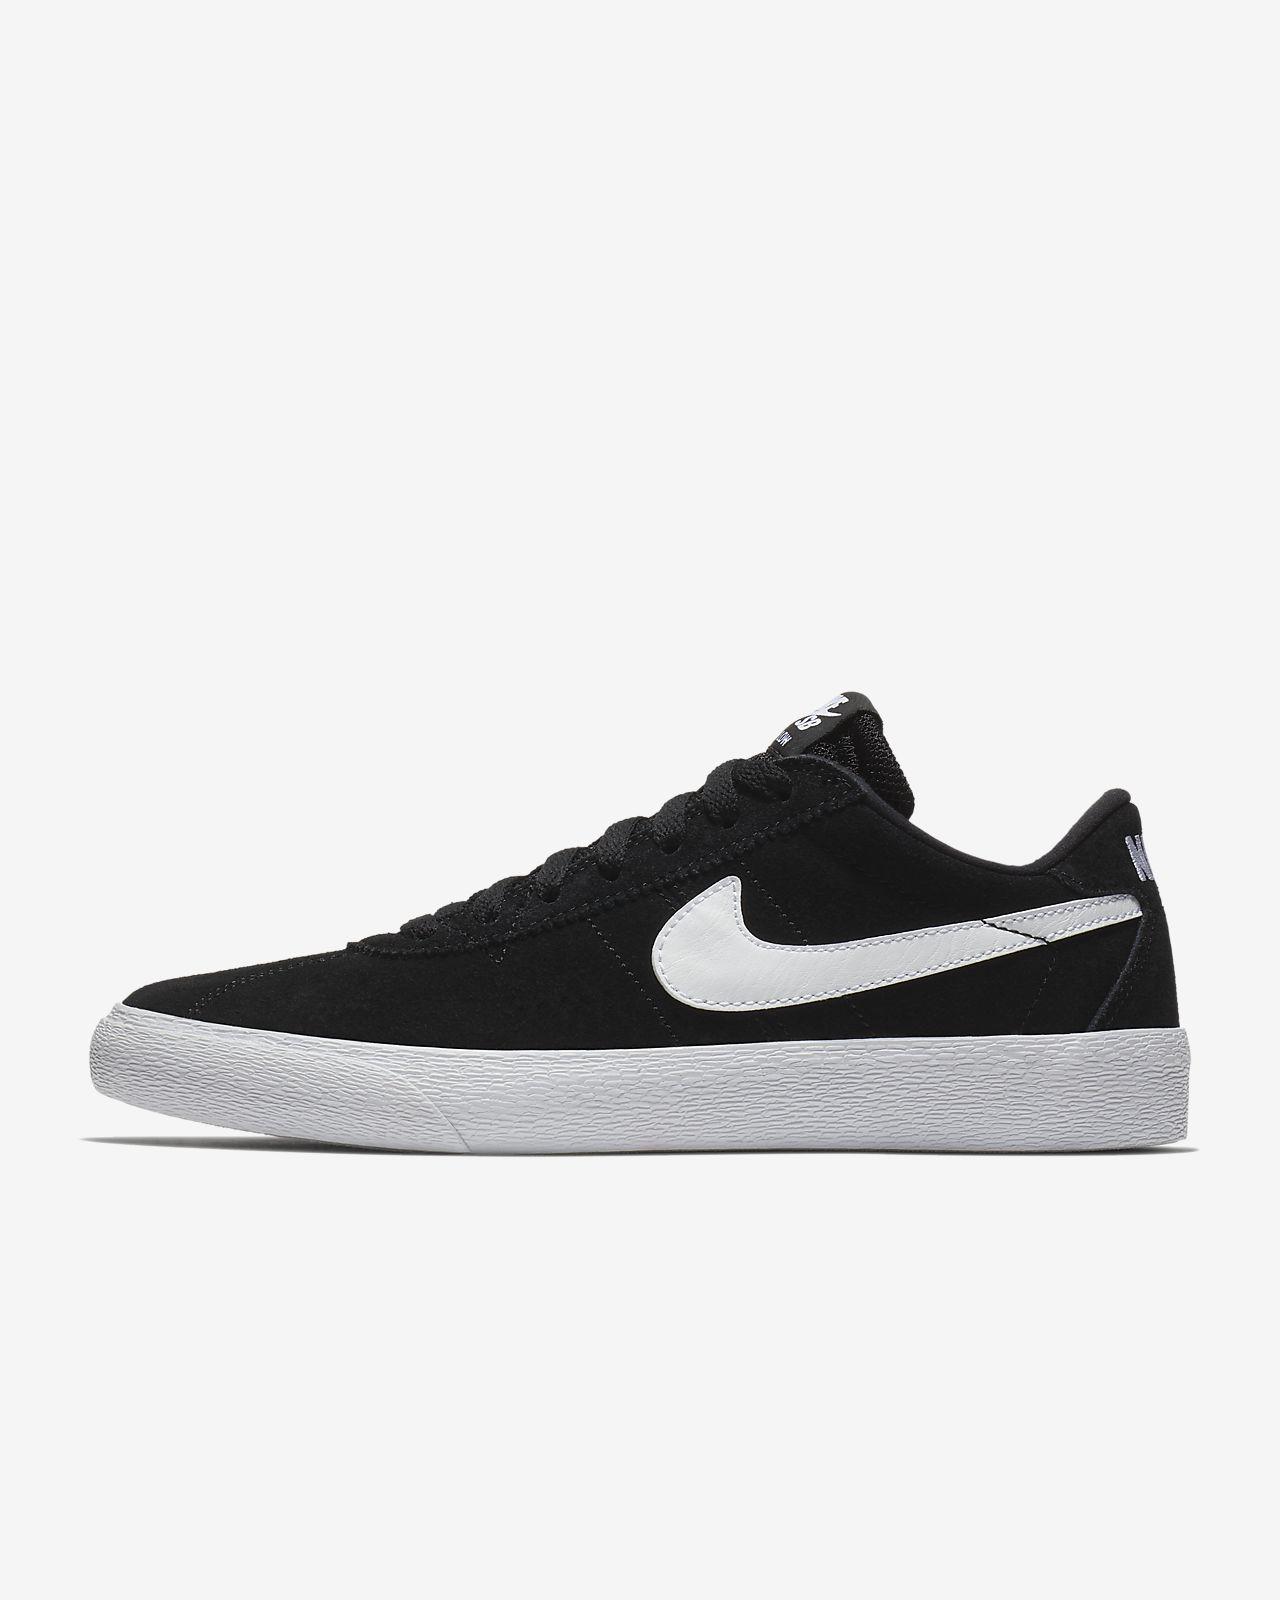 Nike SB Zoom Bruin Low Kadın Kaykay Ayakkabısı